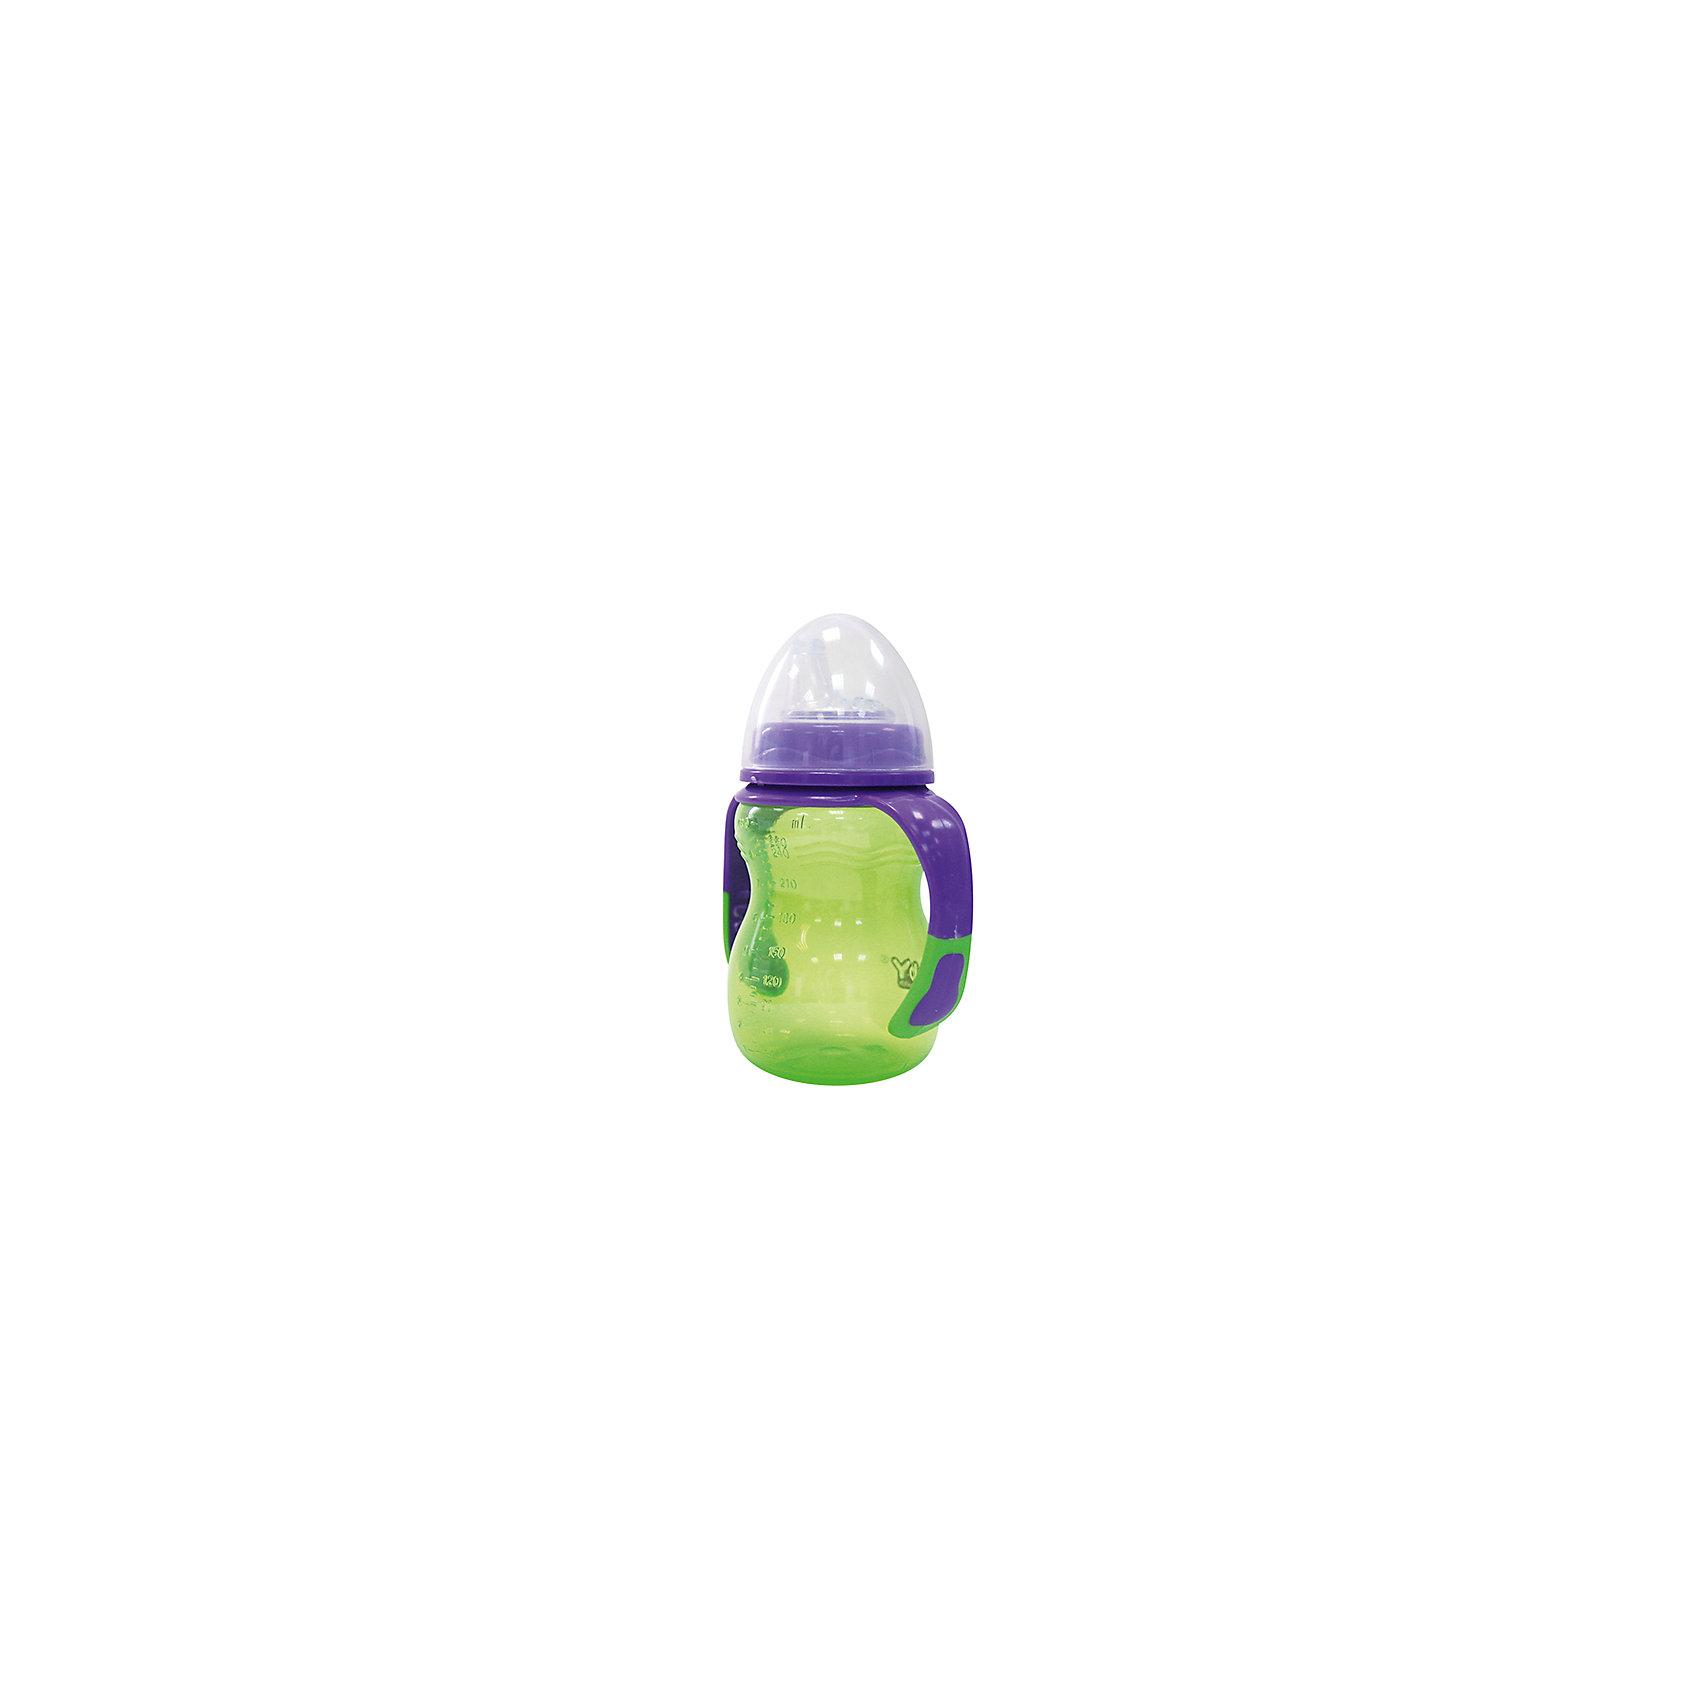 Поильник-непроливайка Классика от 6 мес. 250 мл., LUBBY, зеленый/фиолетовый